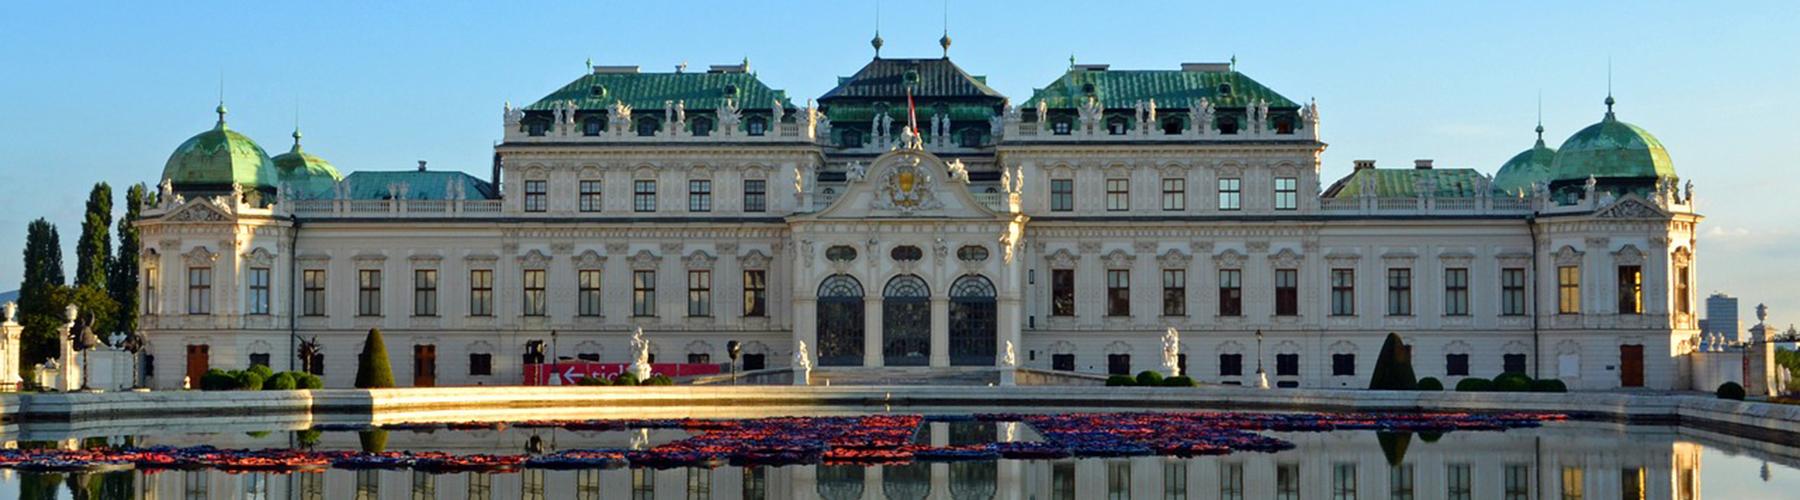 Wien - Hostels nahe Österreichische Galerie. Wien auf der Karte. Fotos und Bewertungen für jedes Hostel in Wien.